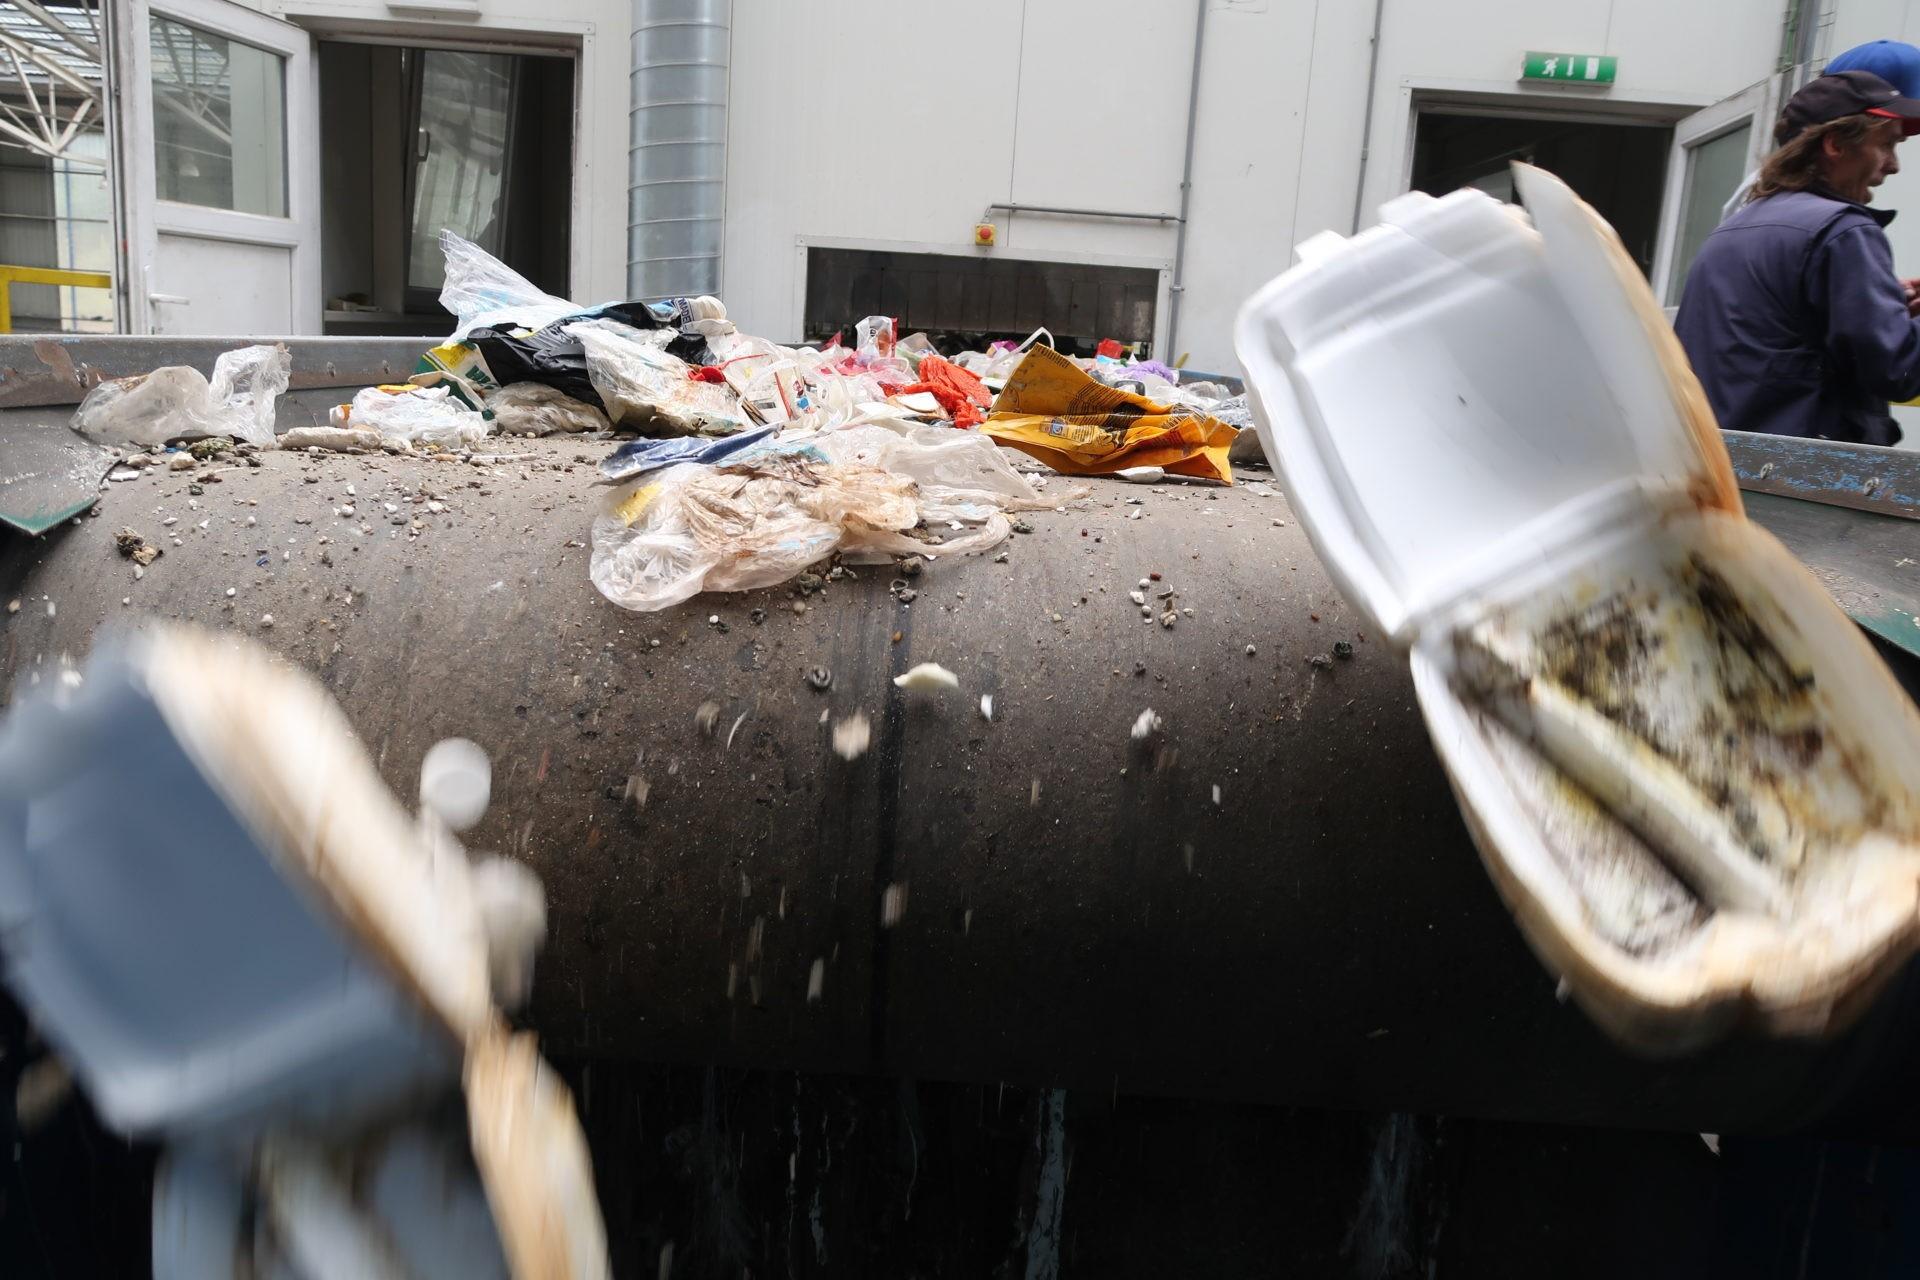 """Z haly putuje plastový odpad povyčištění odnečistot a""""hrubém"""" dotřídění dopravníkovým pásem do""""věže"""" ktzv.ručnímu dotřídění, kdejedotříděn podle komodit - tyodkládají pracovníci třídičky podle druhu dospeciálních nádob. Vtéto třídičce propadá roztříděný odpad podle druhu pozmáčknutí páky doobrovských kójí, pytlů čikontejnerů. PETláhve ještě musí projít tzv.perforátorem, kterýjepropíchne anásledně jsou lisovány dobalíků."""